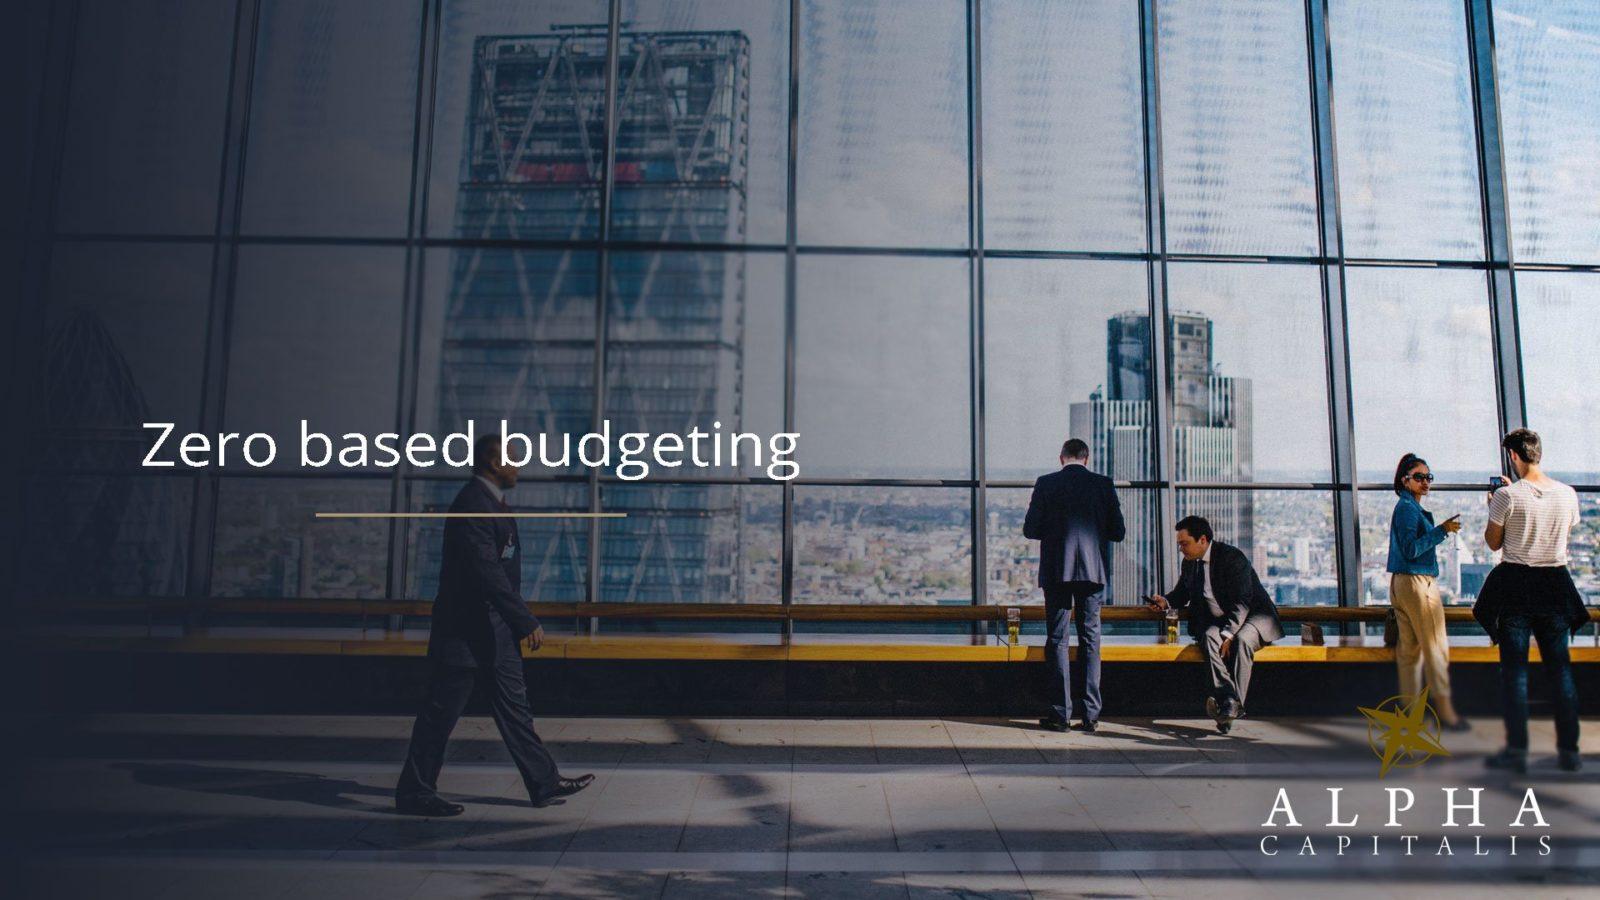 zero based budgeting 4 - Zero Based Budgeting / Budžetiranje nulte razine